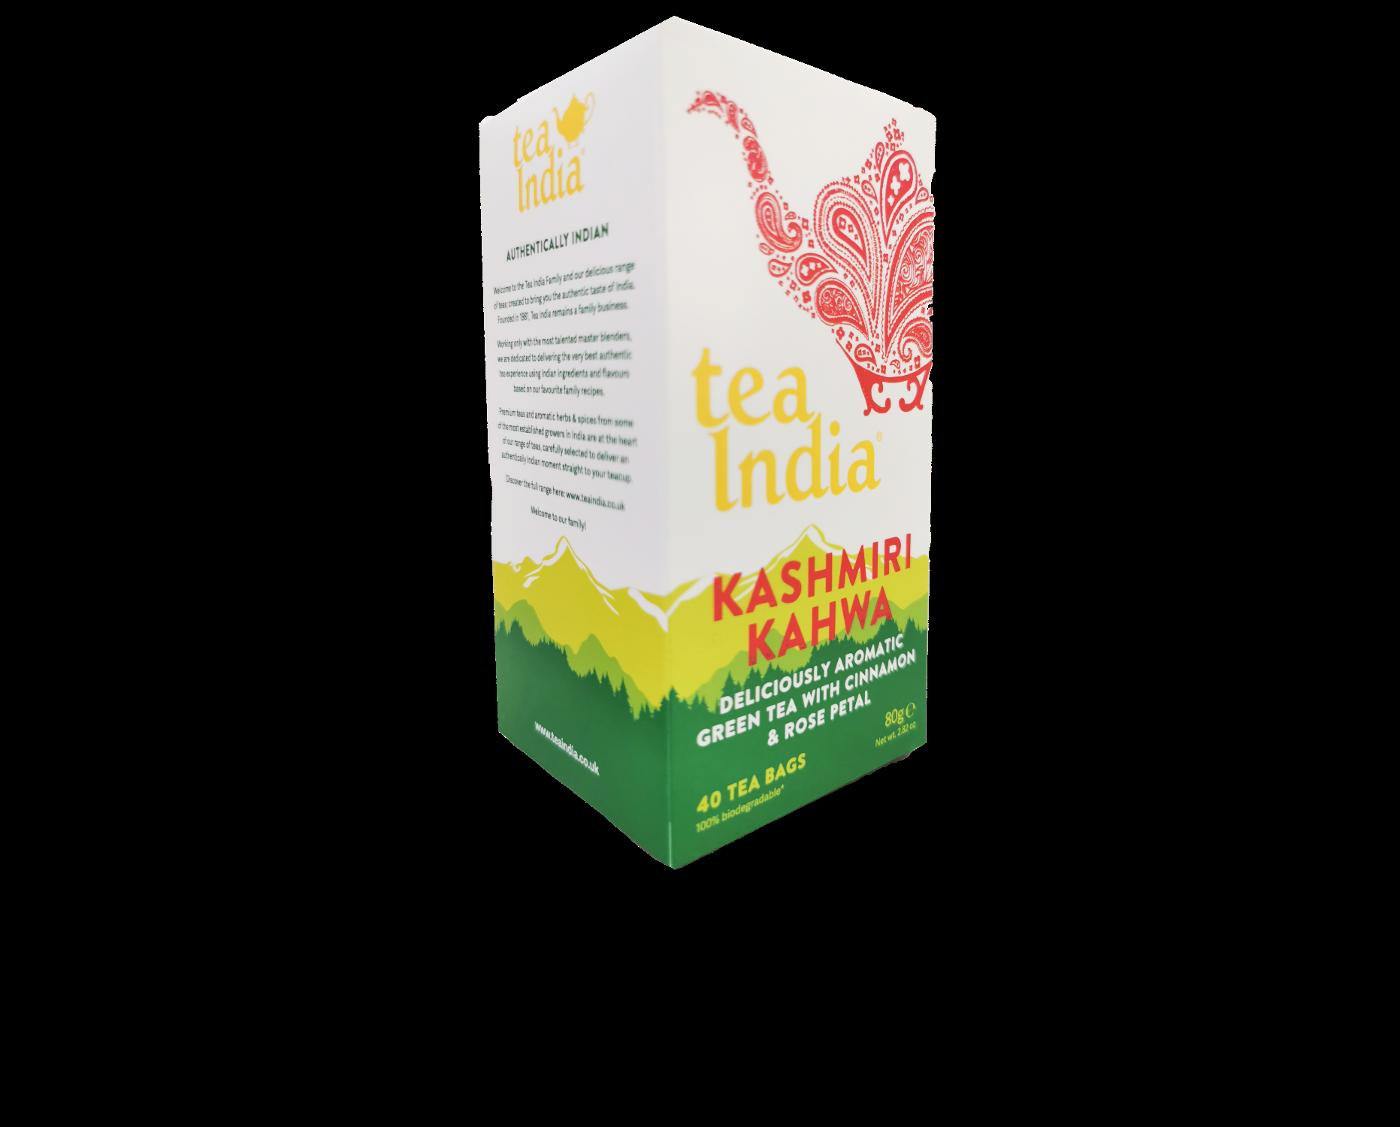 Tea India Kashmiri Kahwa